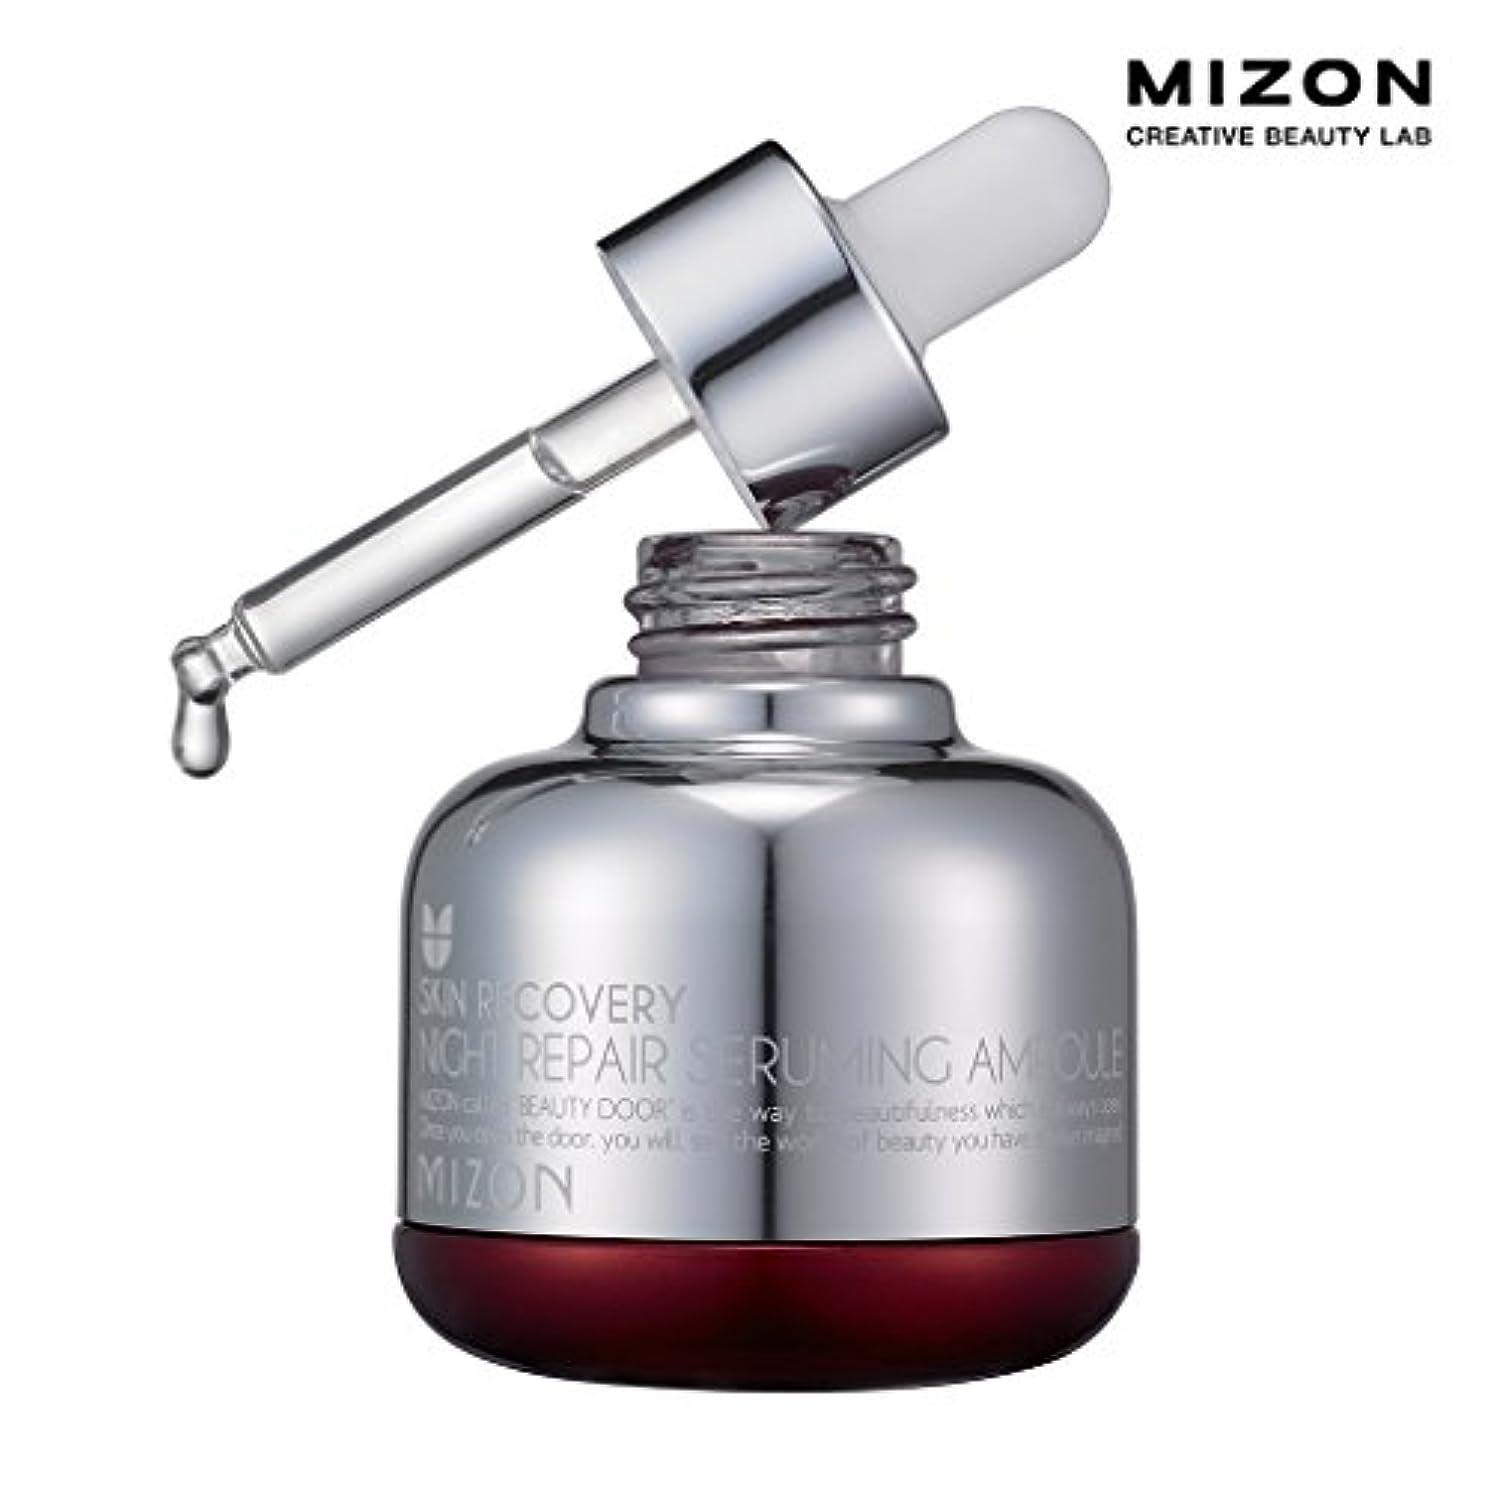 反動モットーくびれたMIZON(ミズオン) ナイト セラミングアンプル 30ml [並行輸入品]